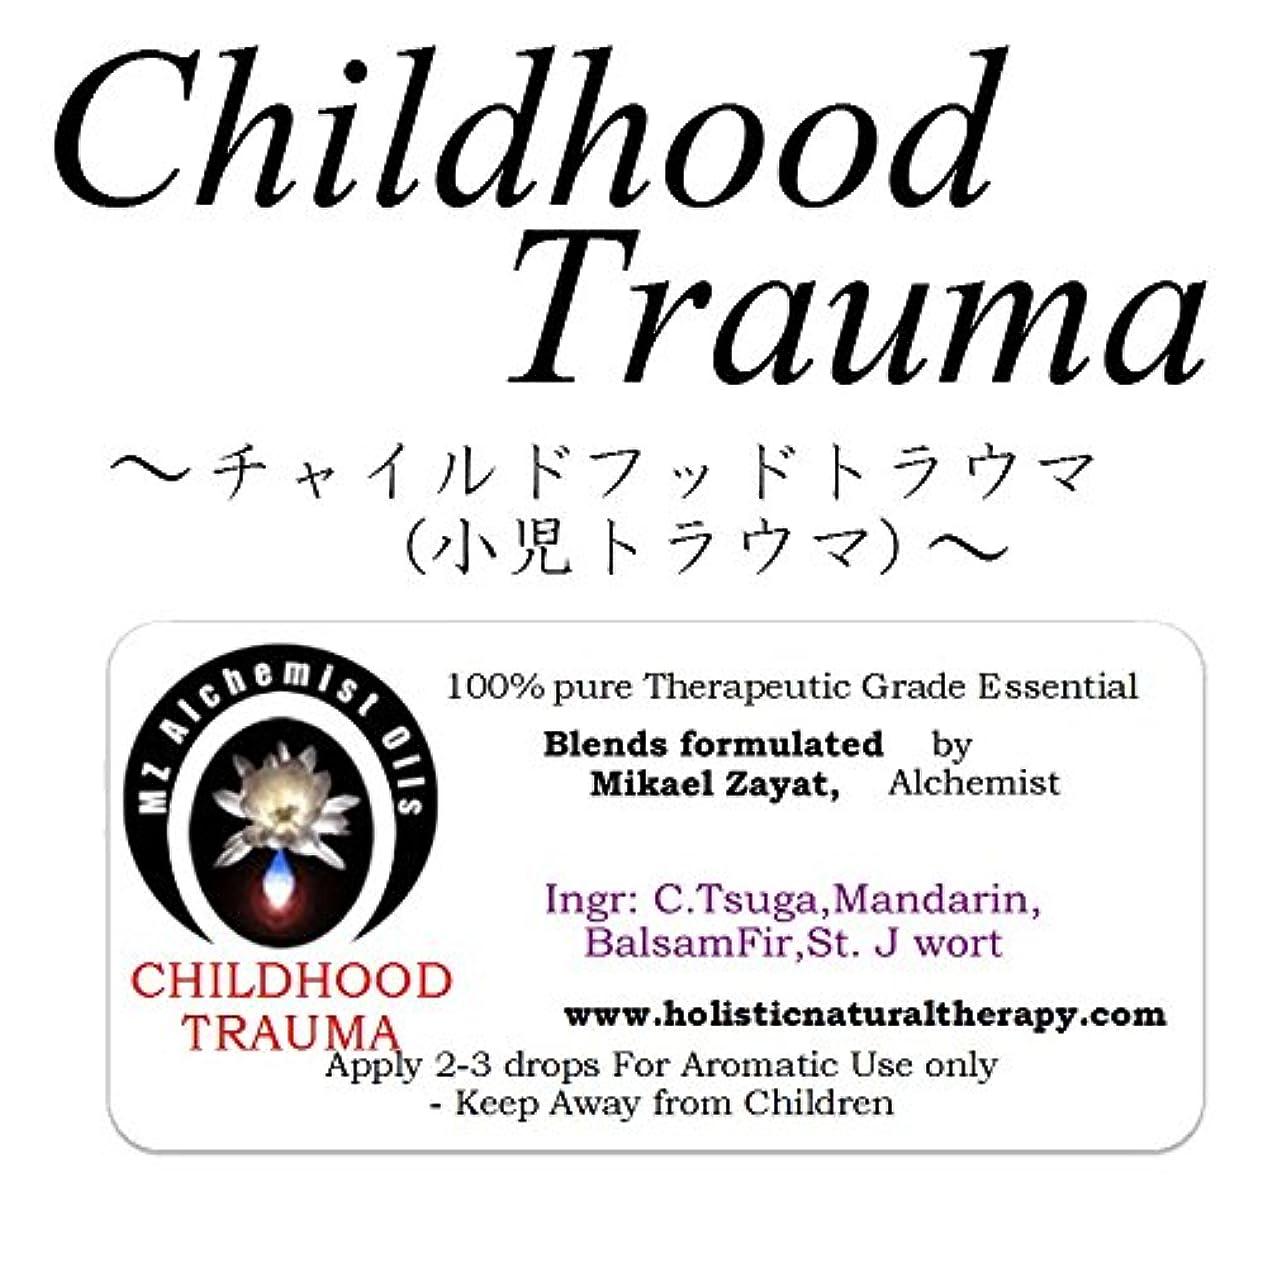 封建罪悪感うつミカエルザヤットアルケミストオイル セラピストグレードアロマオイル Childhood Trauma-チャイルドフット?トラウマ(小児トラウマ)- 4ml